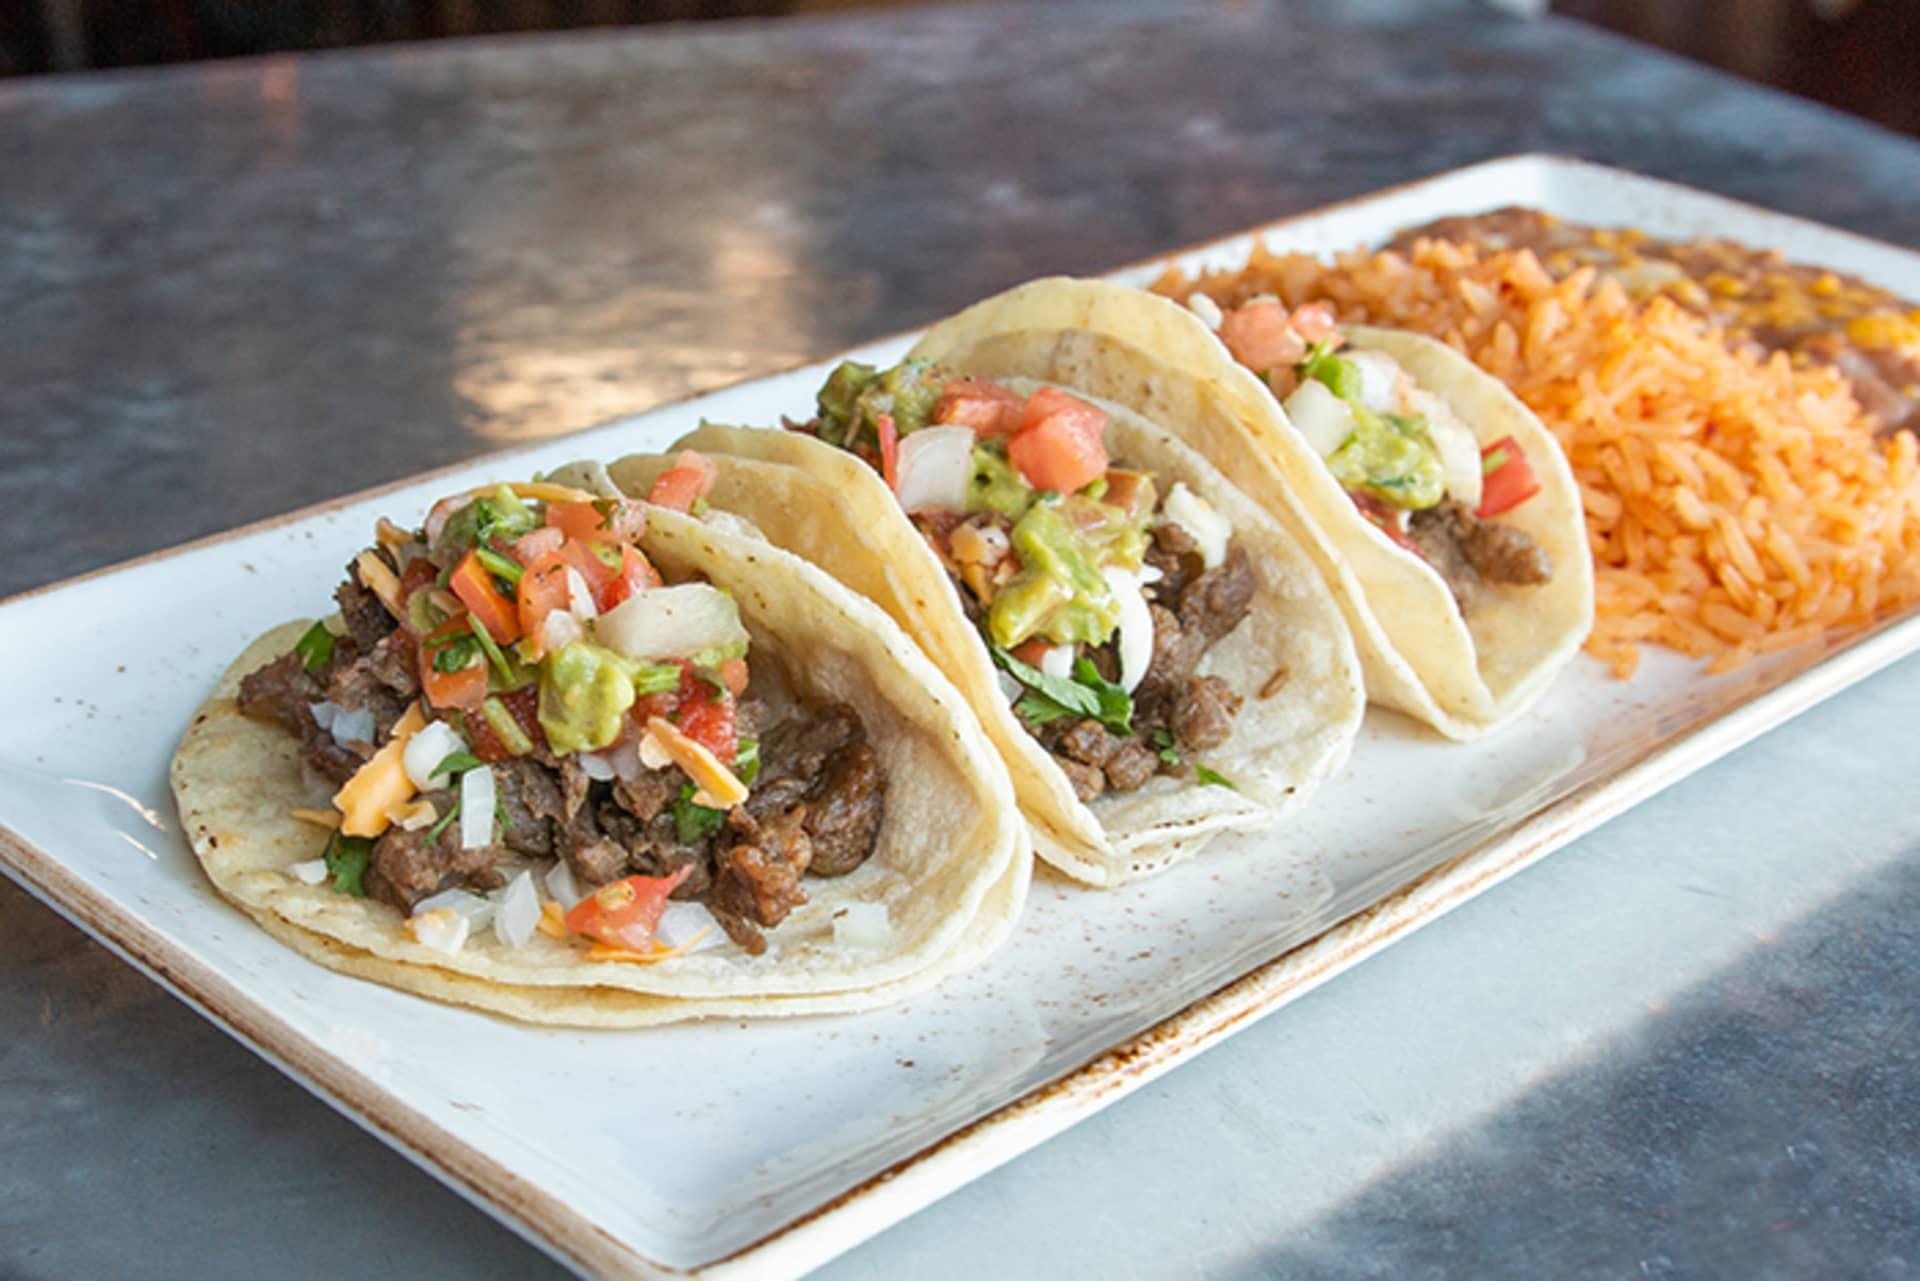 Taco or Taquito Plate